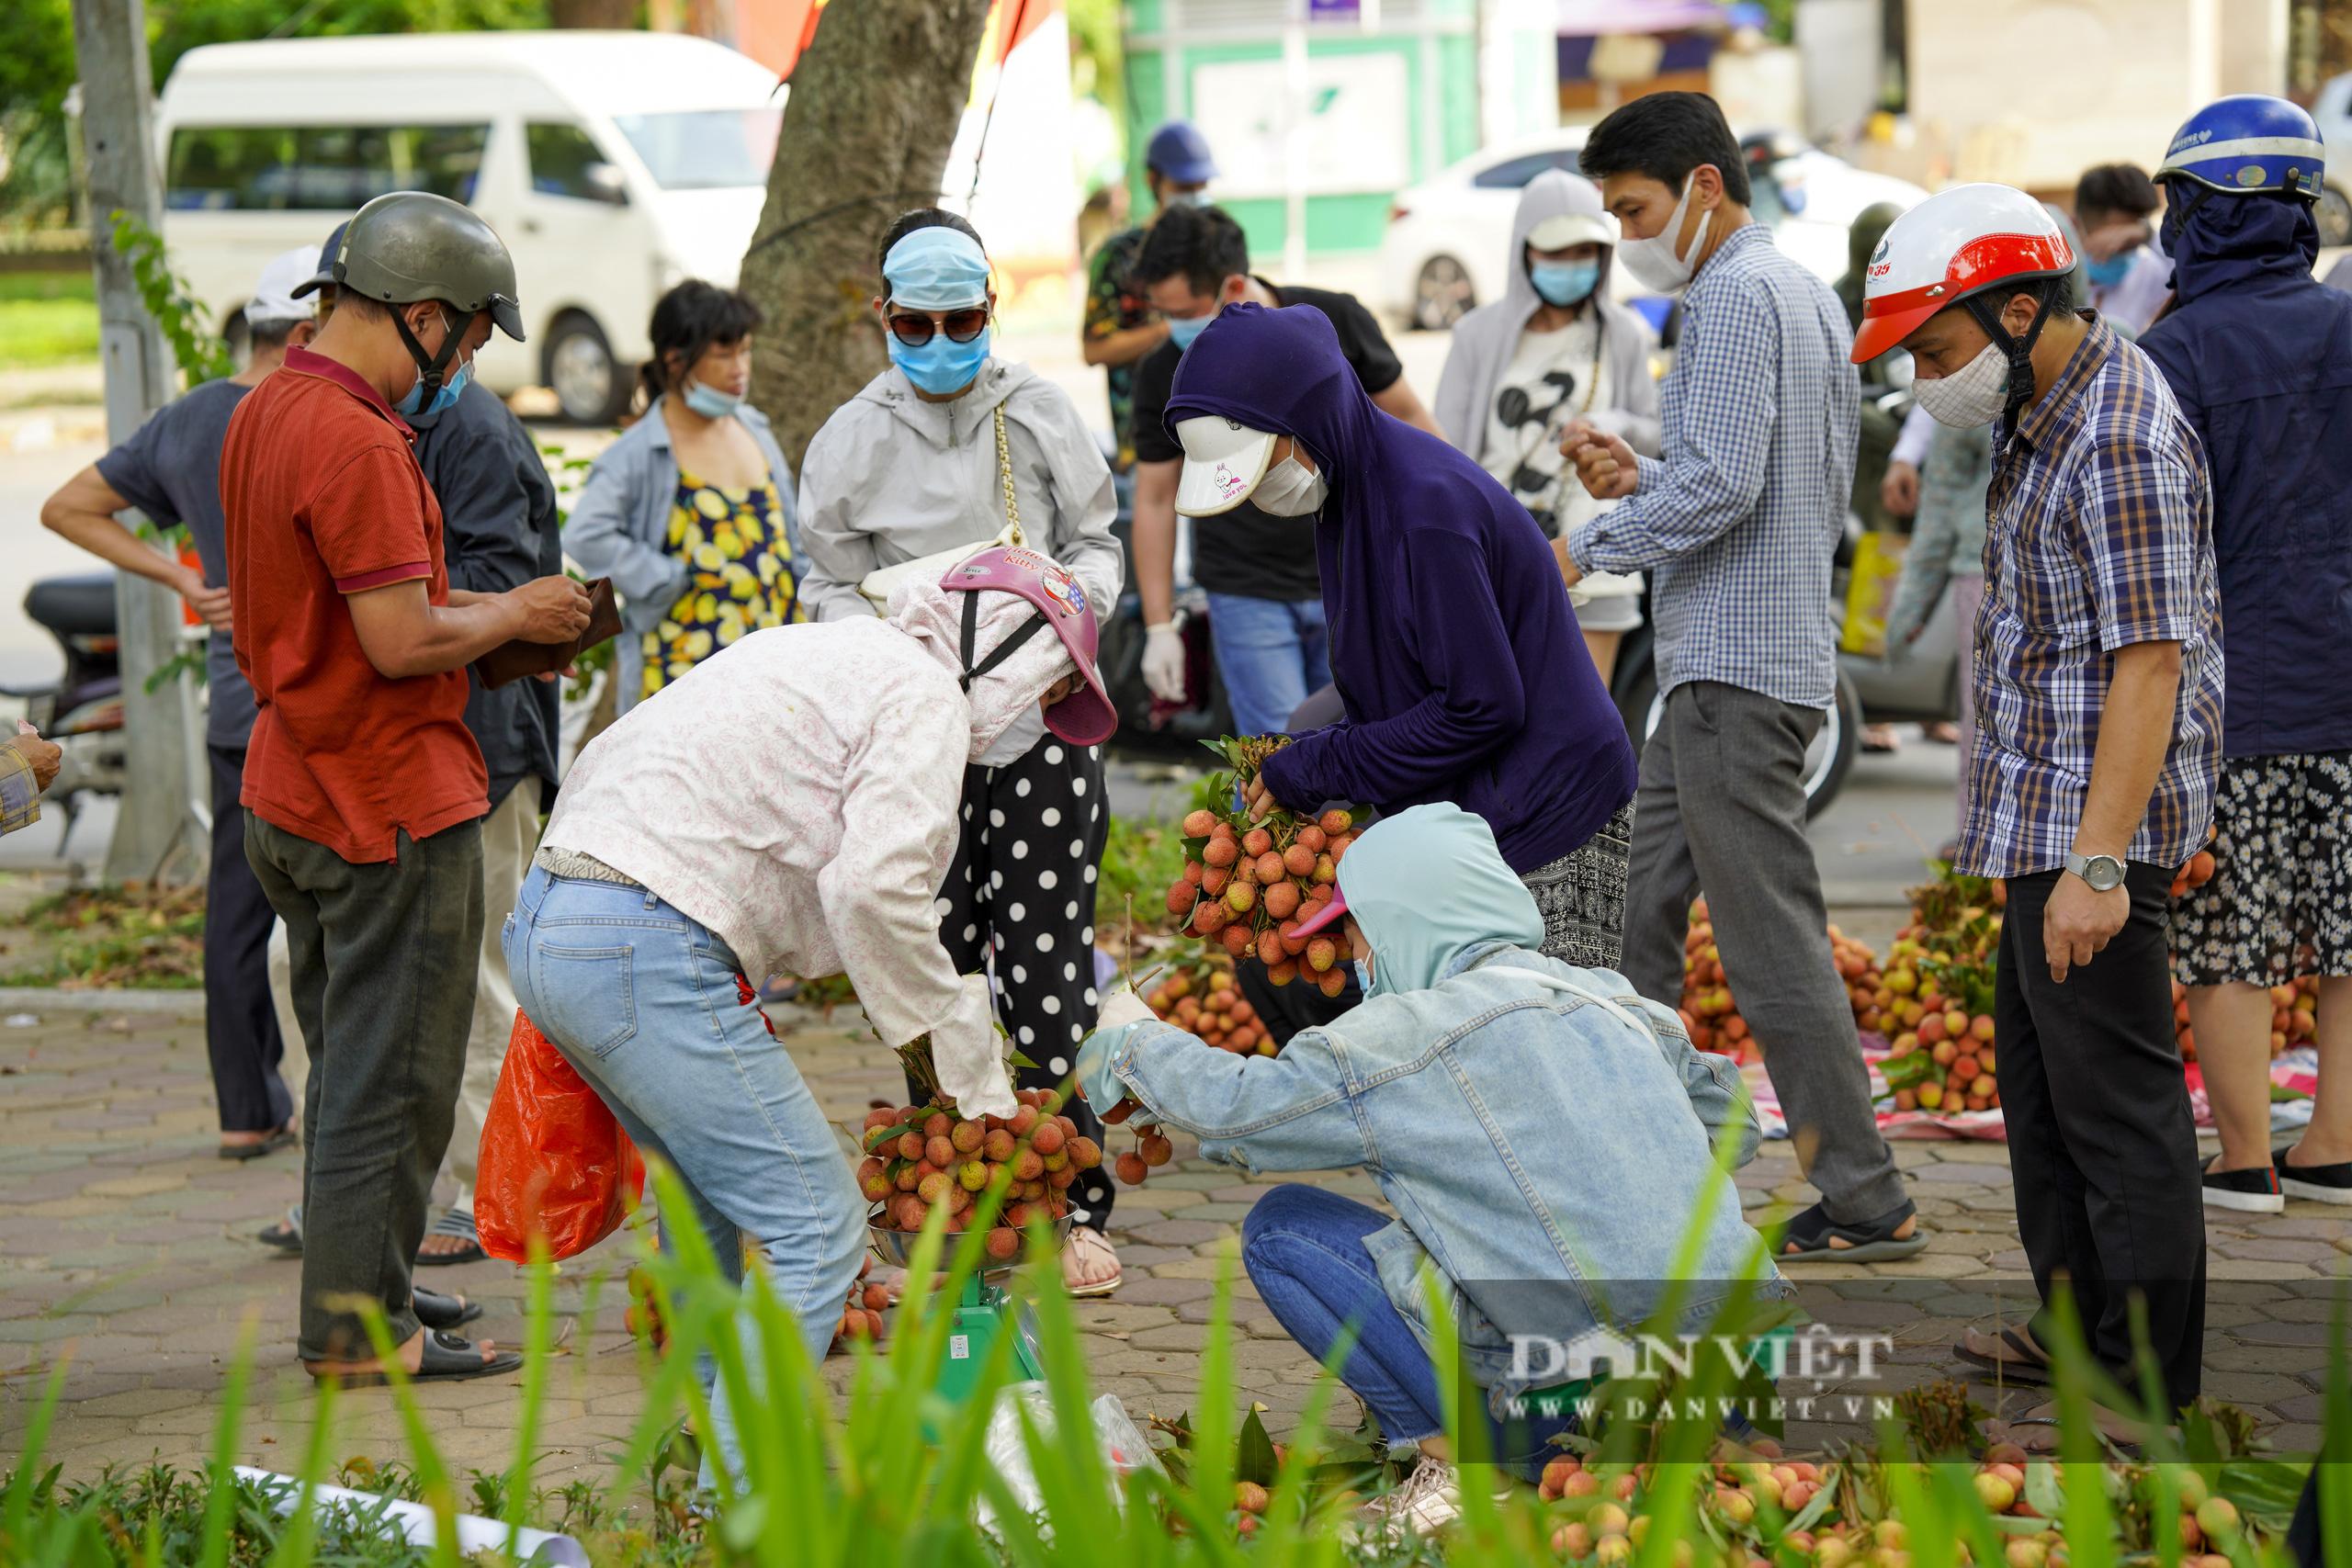 """Dịch Covid-19: Vải Bắc Giang """"vượt ải"""" về Hà Nội, người dân hào hứng ủng hộ - Ảnh 7."""